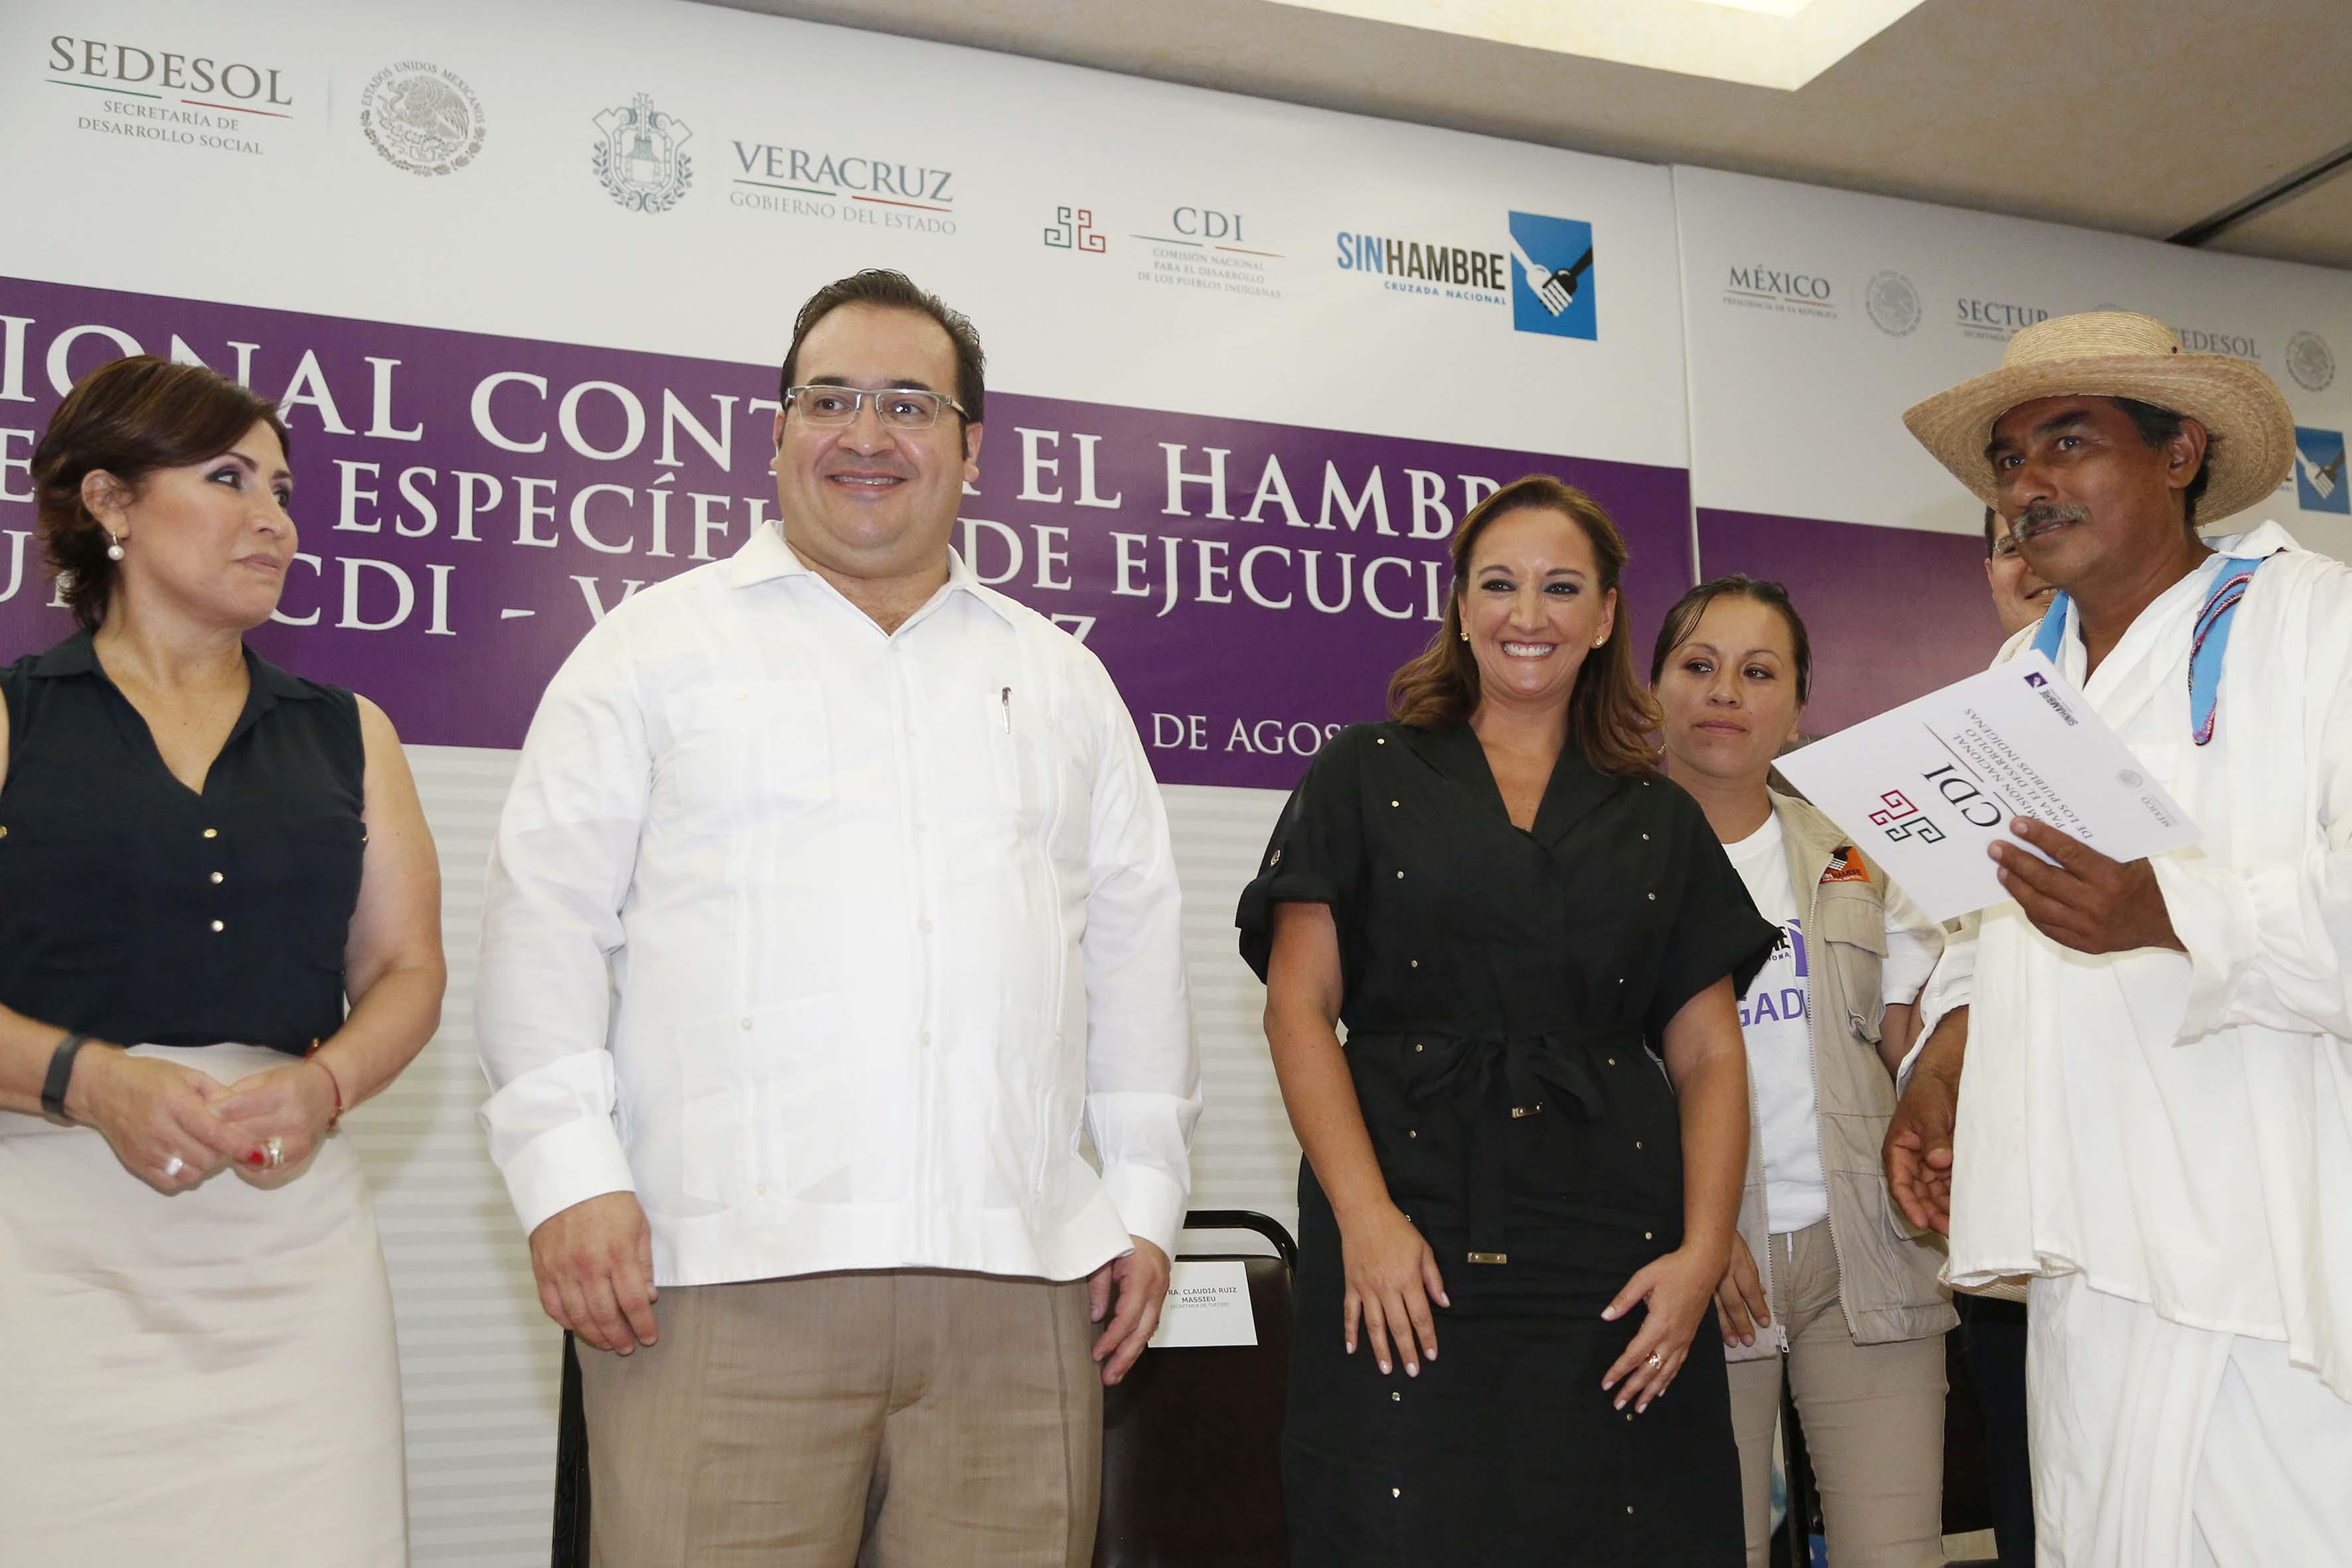 En el marco de la Cruzada Nacional contra el Hambre, la SECTUR y la CDI firmaron un Convenio Específico de Ejecución en Veracruz.